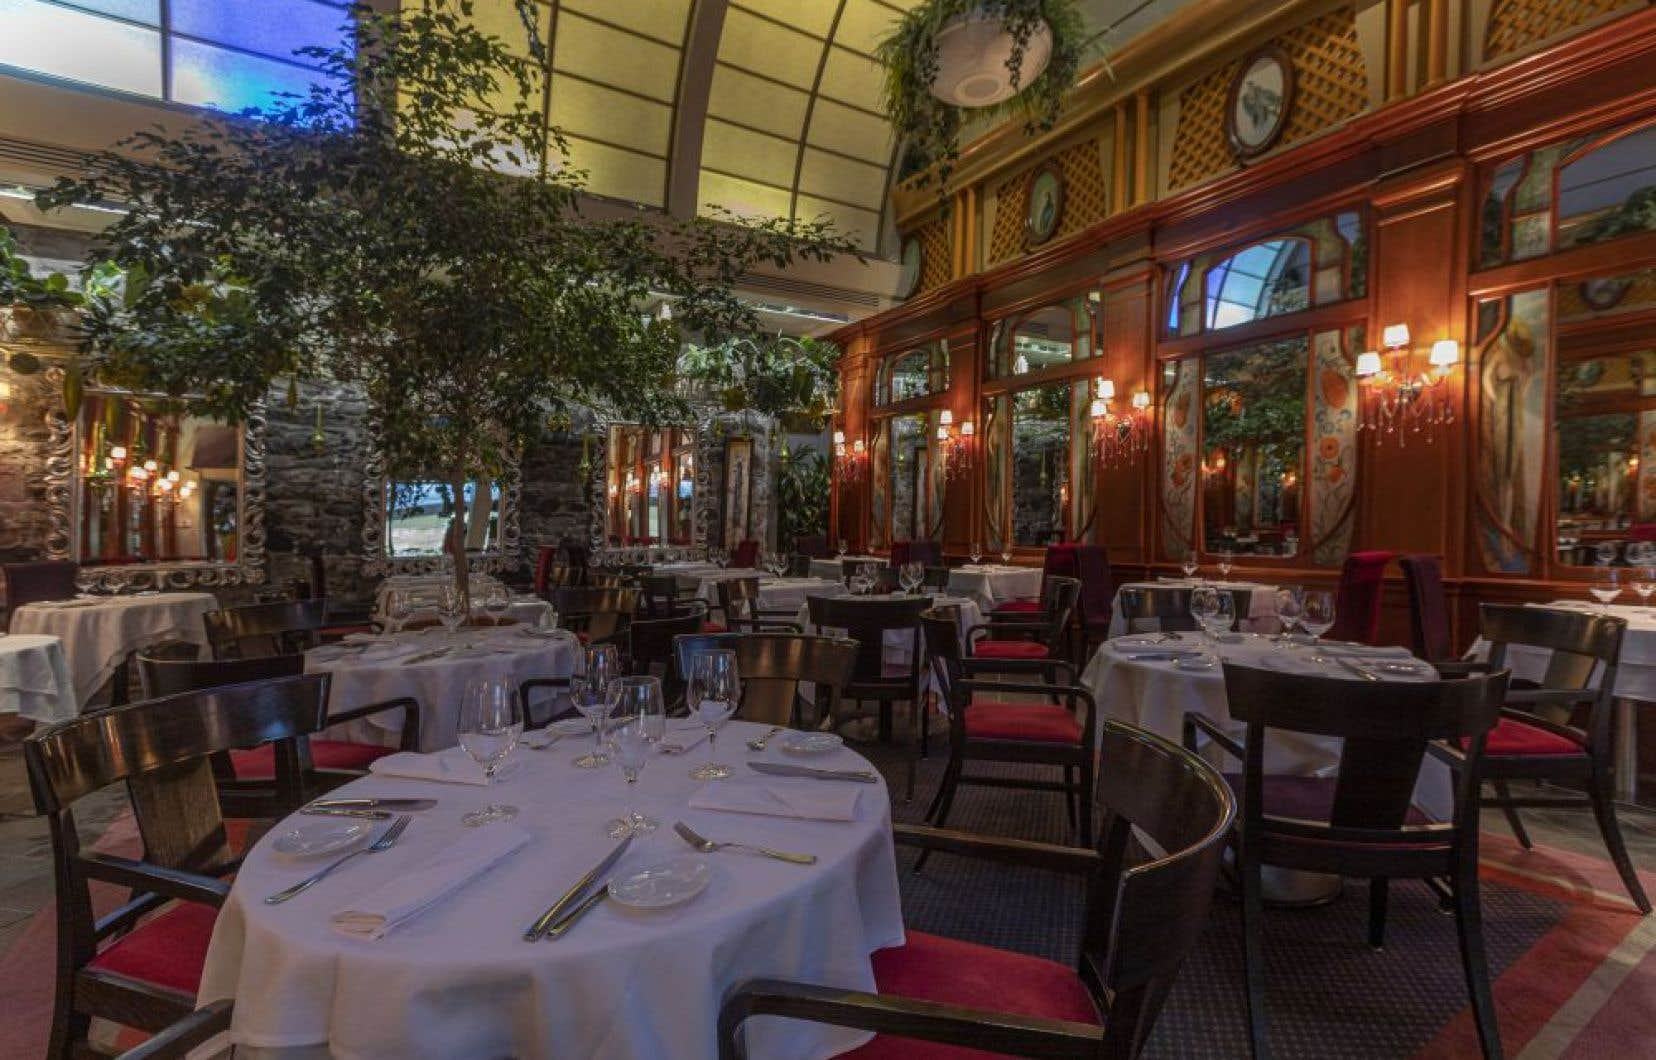 La salle décorée dans le style parisien fait un superbe écrin pour les plats complexes à l'esthétique travaillée.